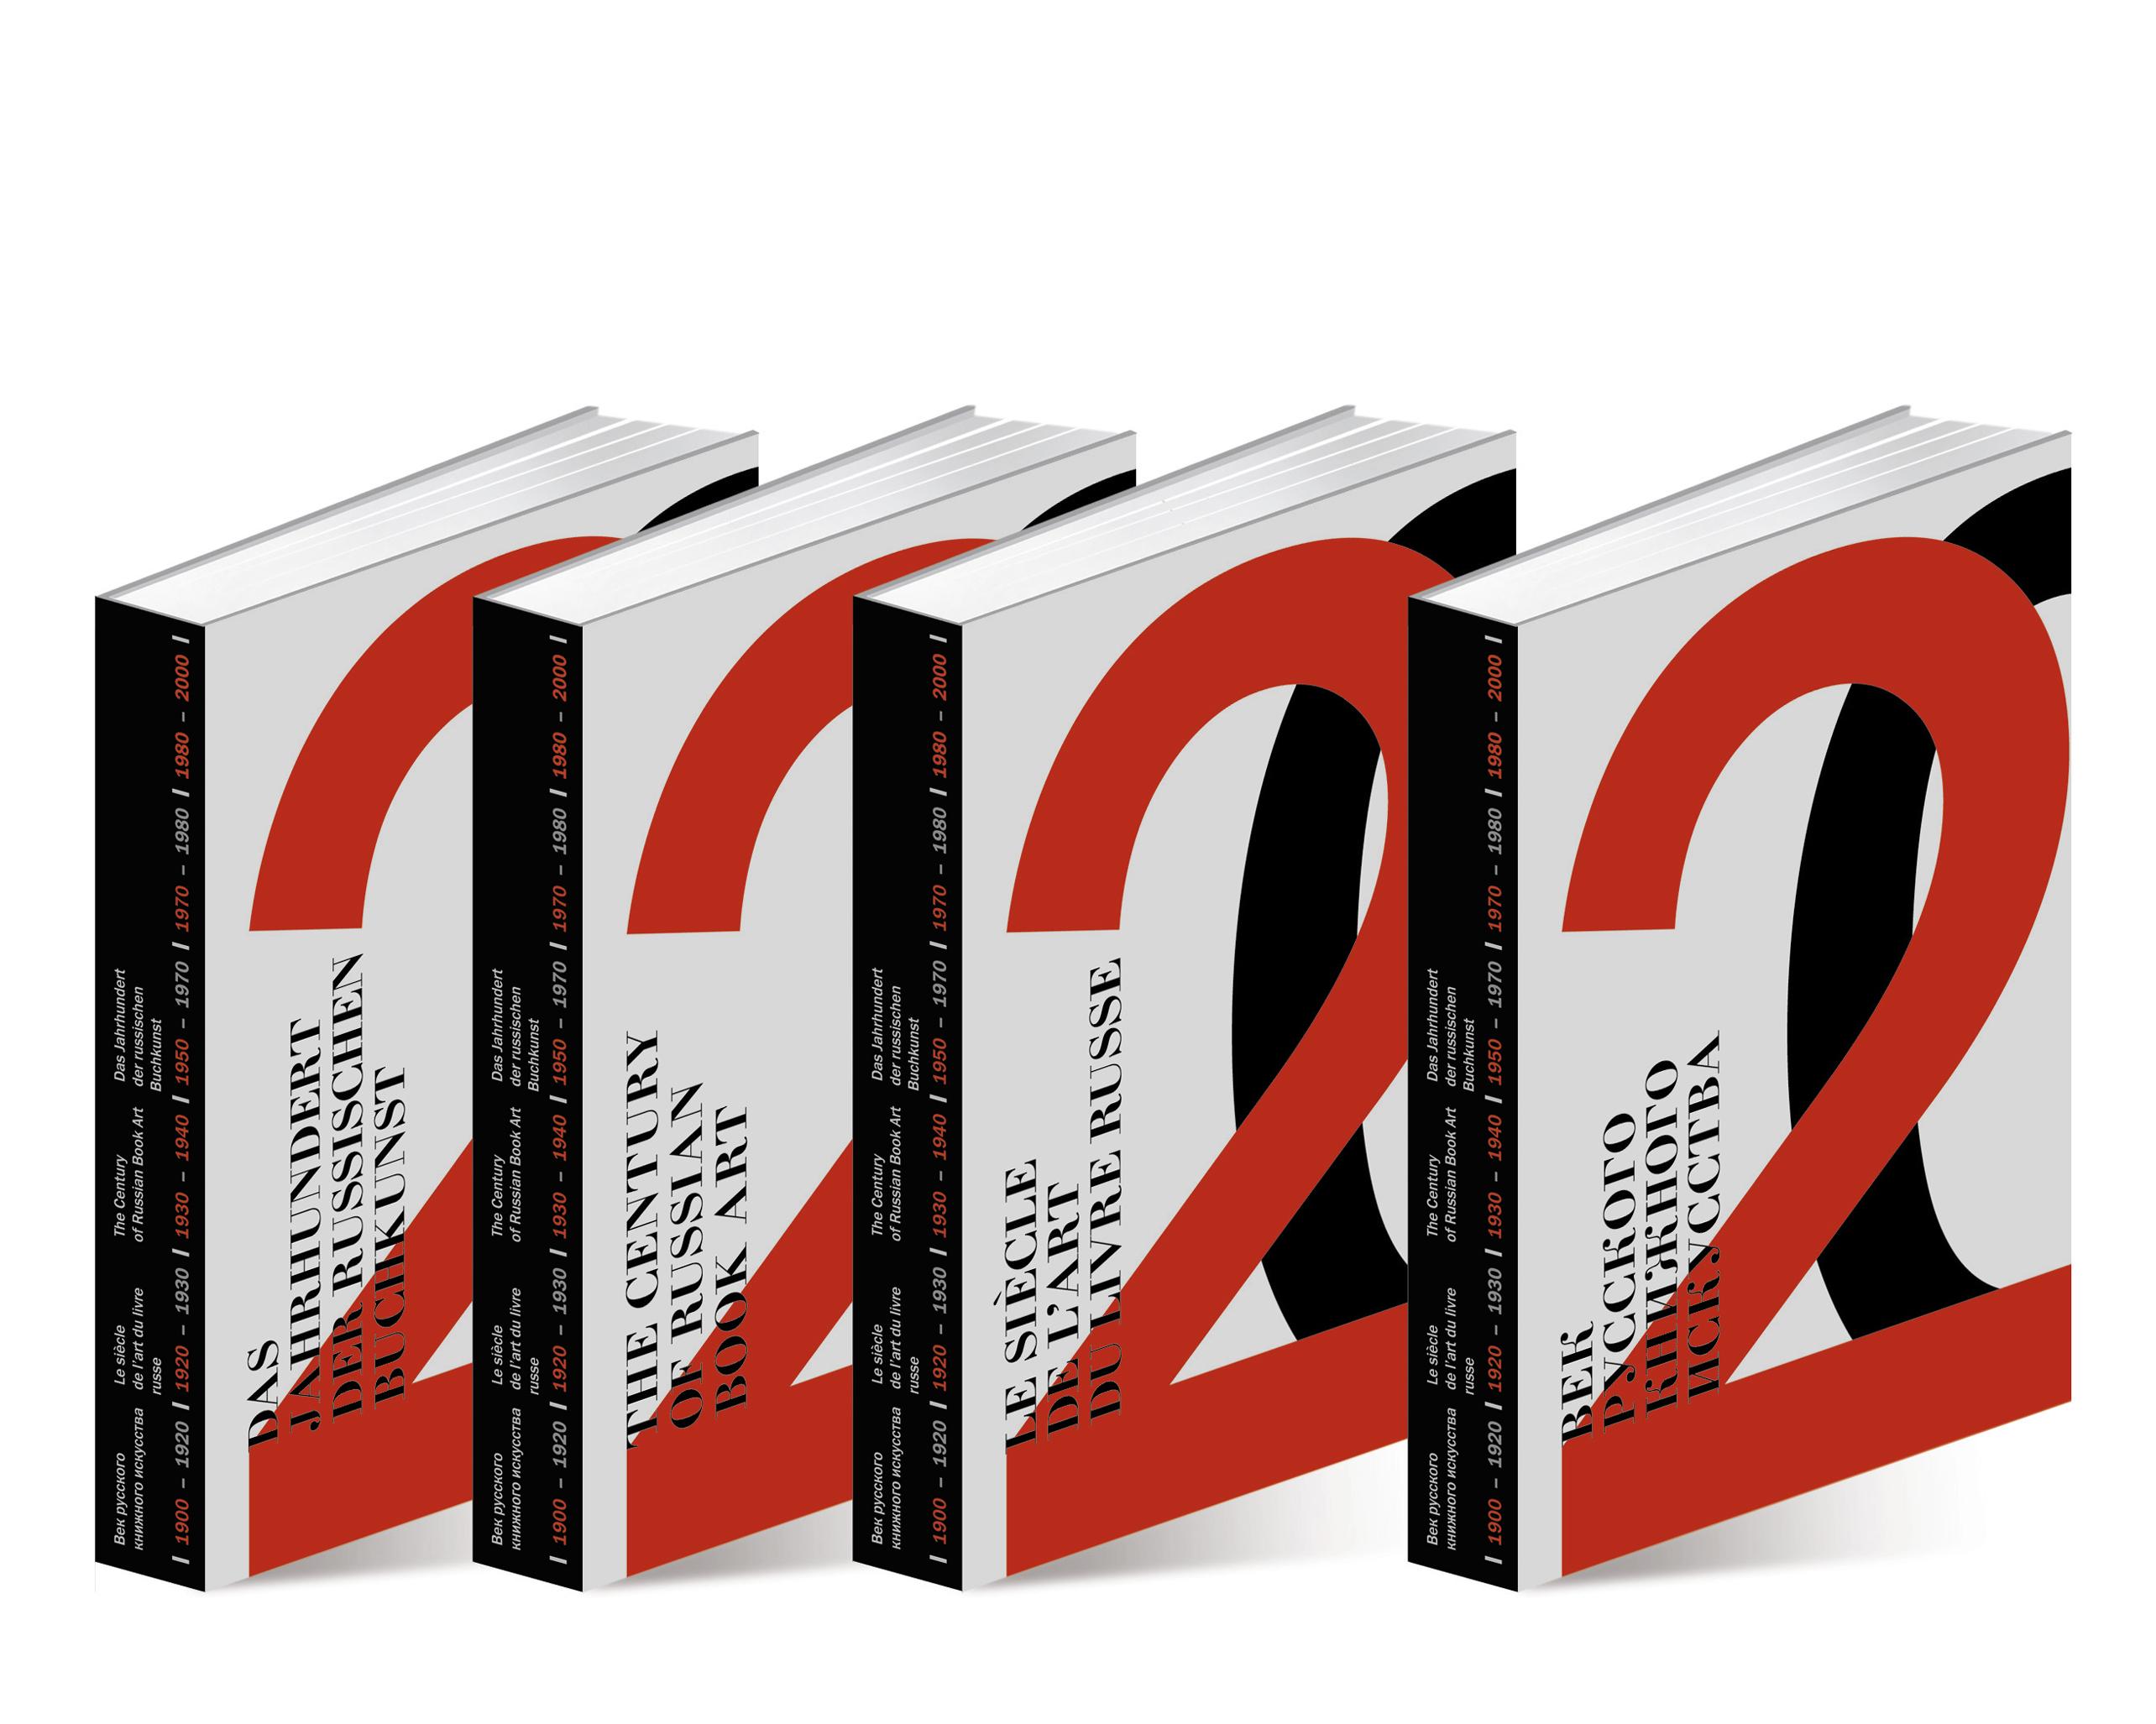 Скачать книгу графический дизайн основы профессии